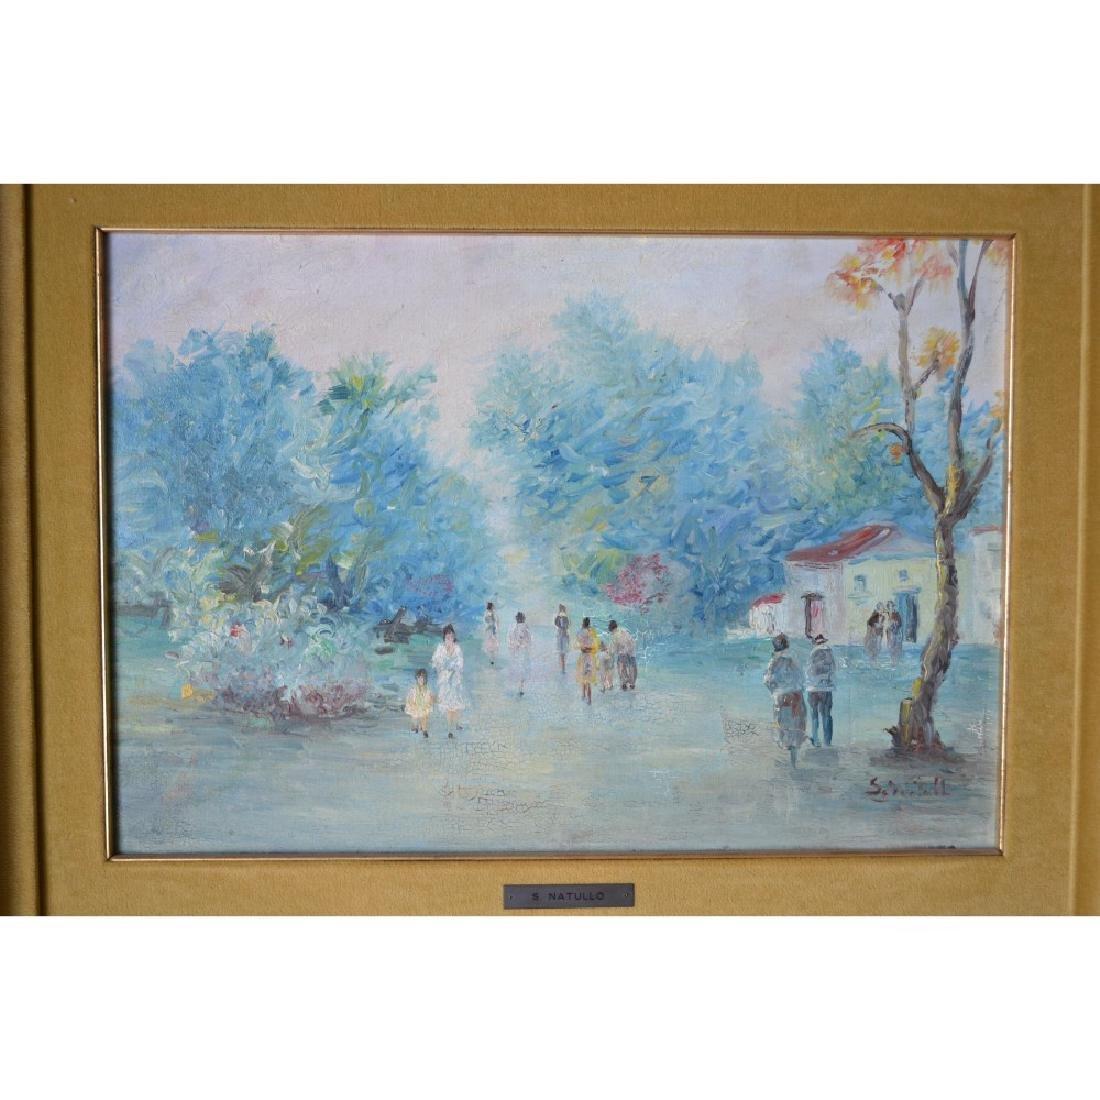 Sandro Natullo - Oil on Canvass